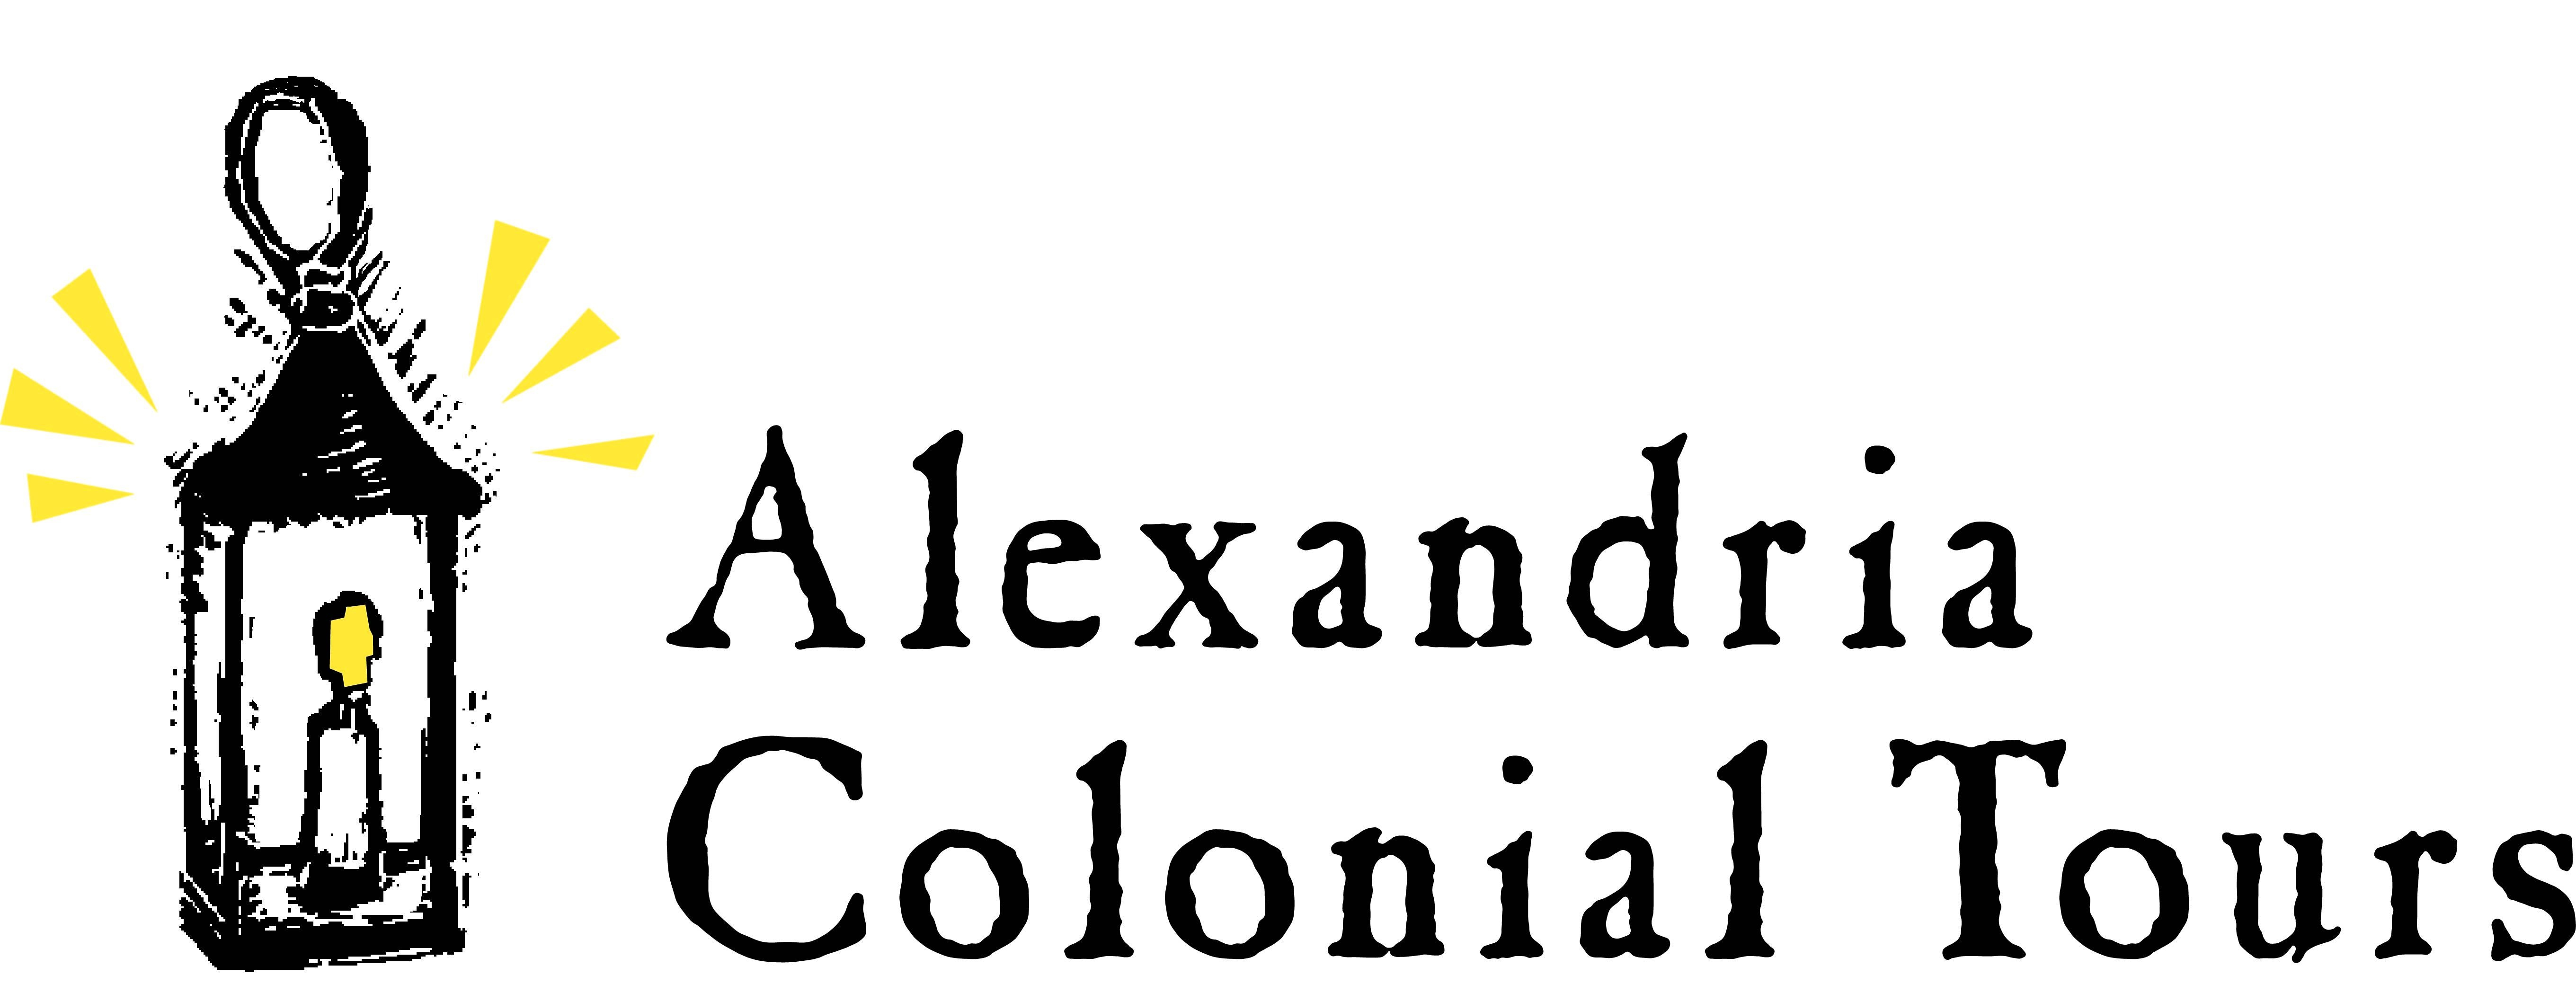 Alexandria Colonial Tours Reviews